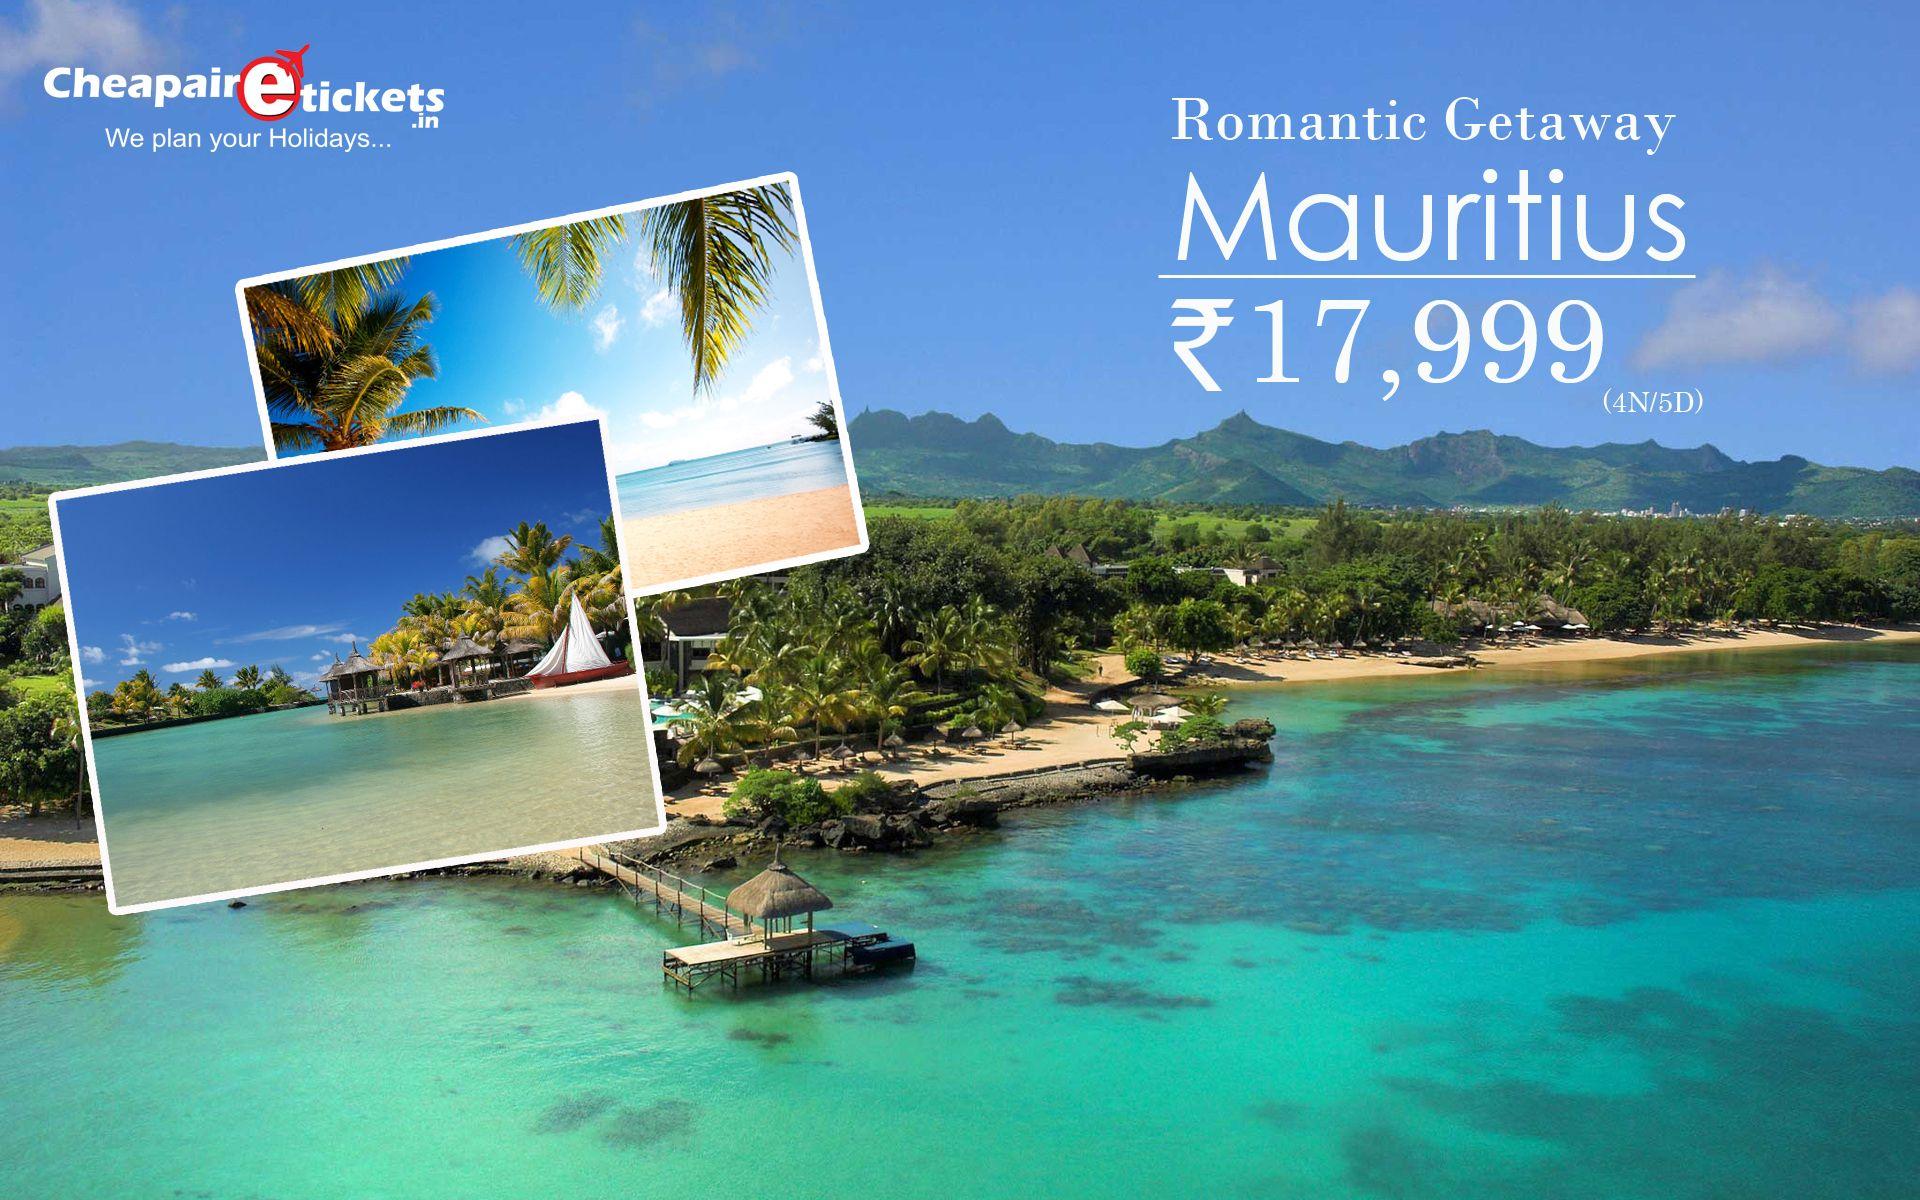 Book Romantic Getaways for Mauritius Get amazing